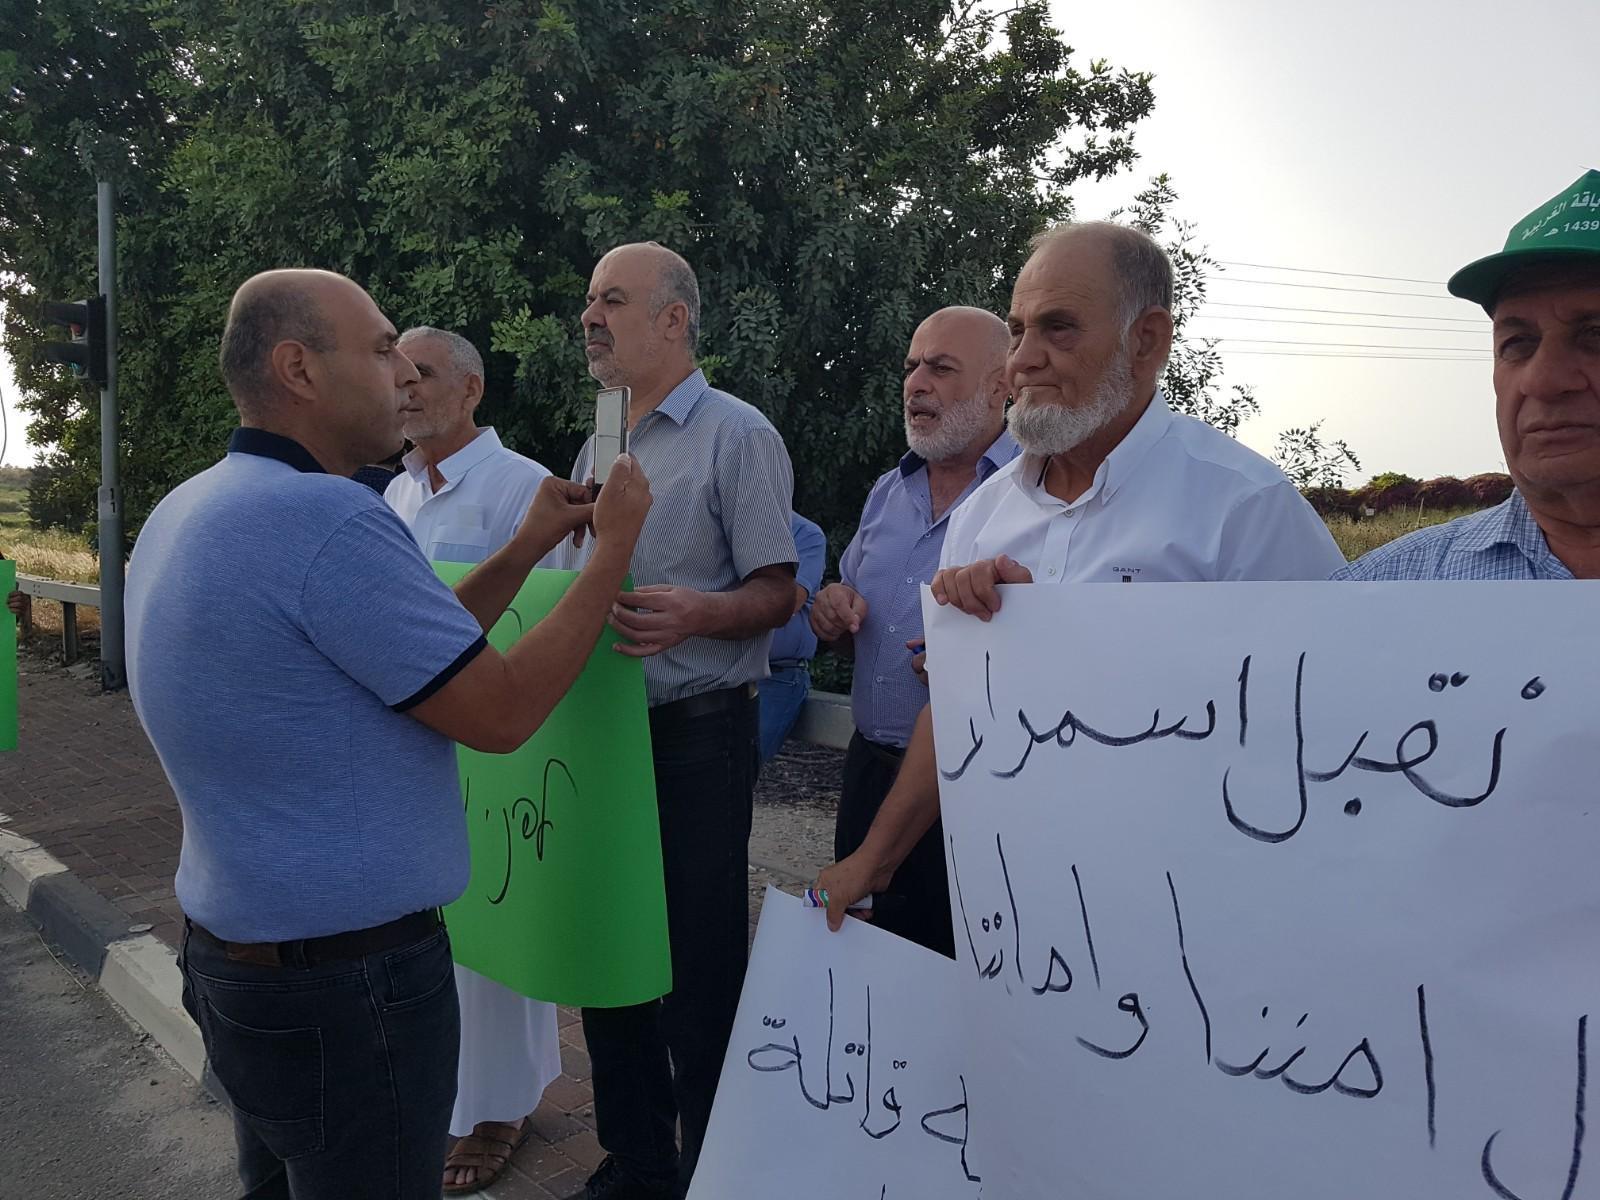 شارع 65: وقفة احتجاجية صاخبة ضد العنف